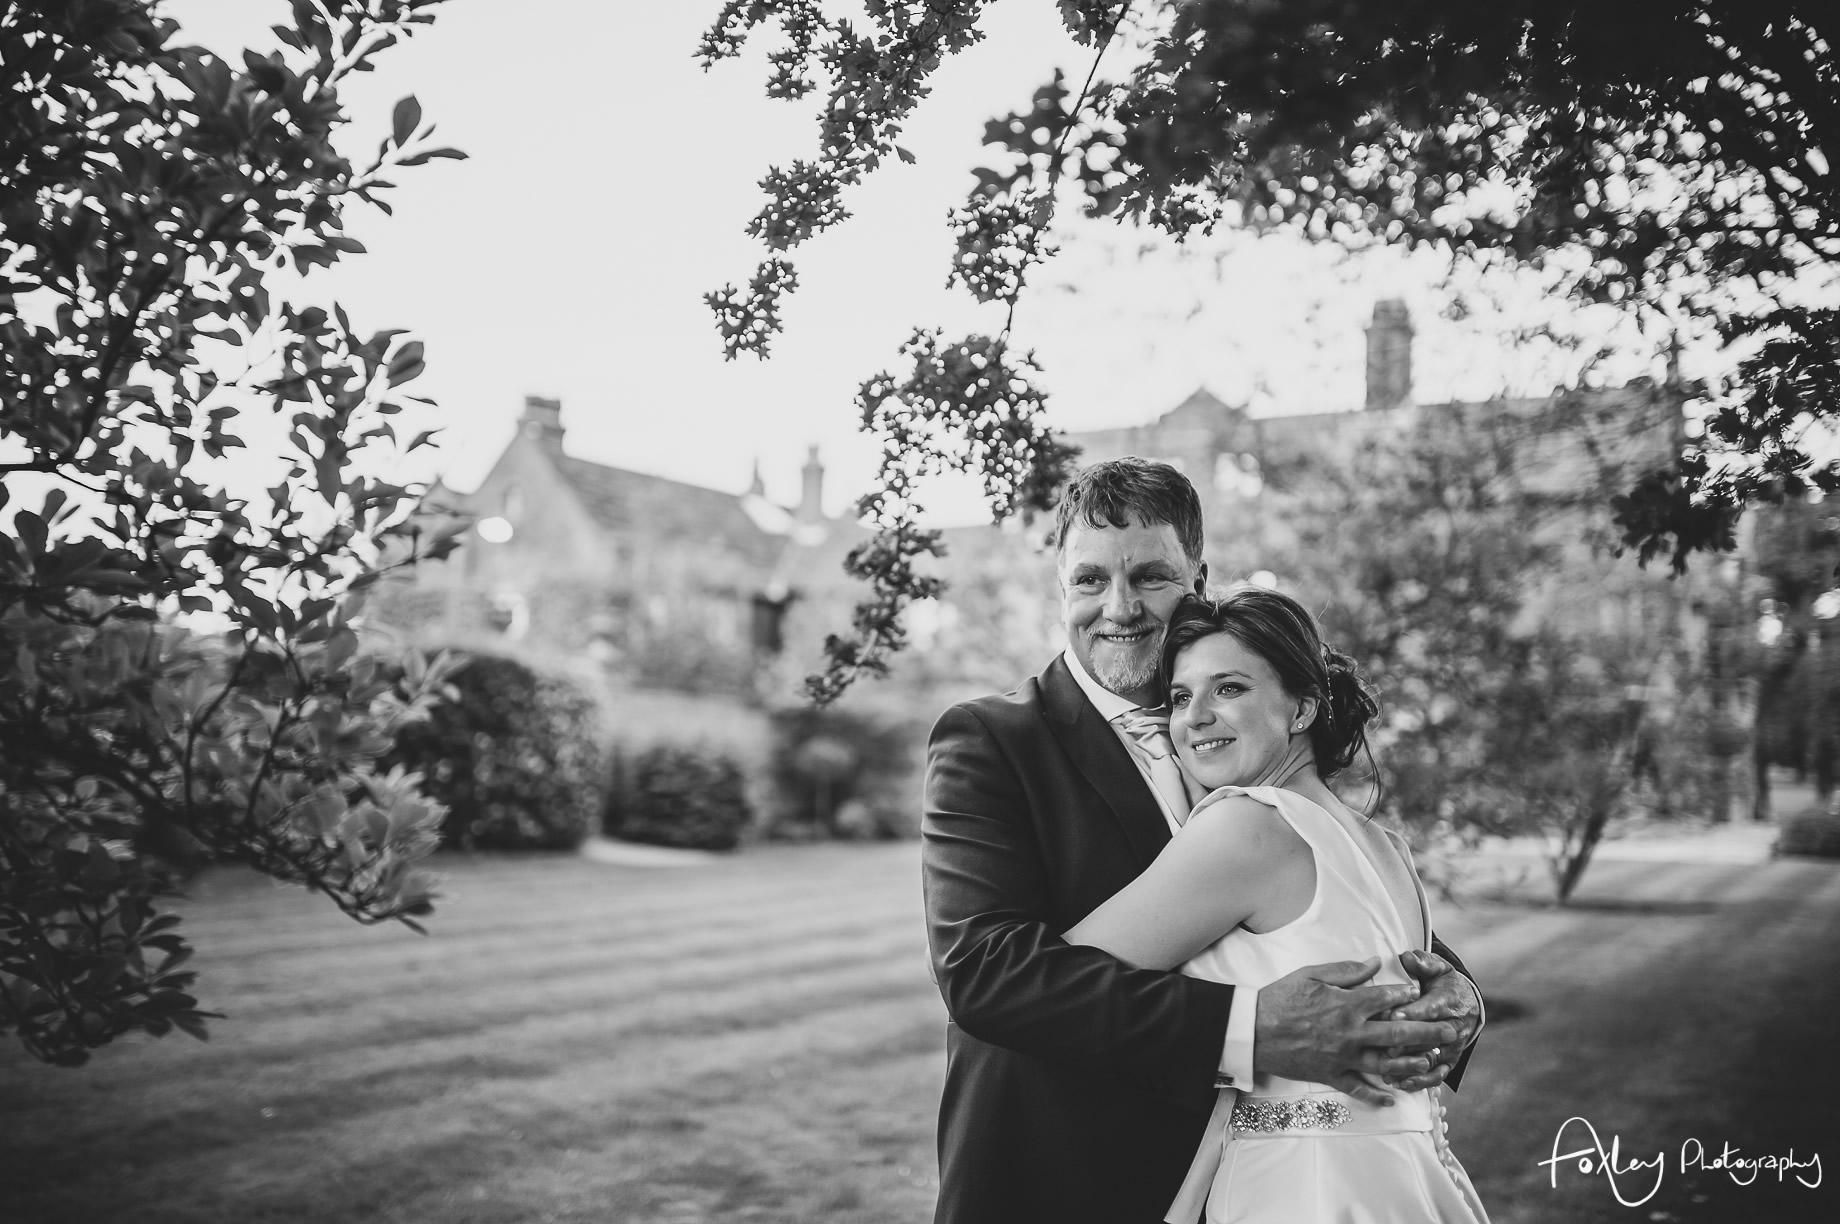 Simona-and-Robert-Wedding-at-Colshaw-Hall-150